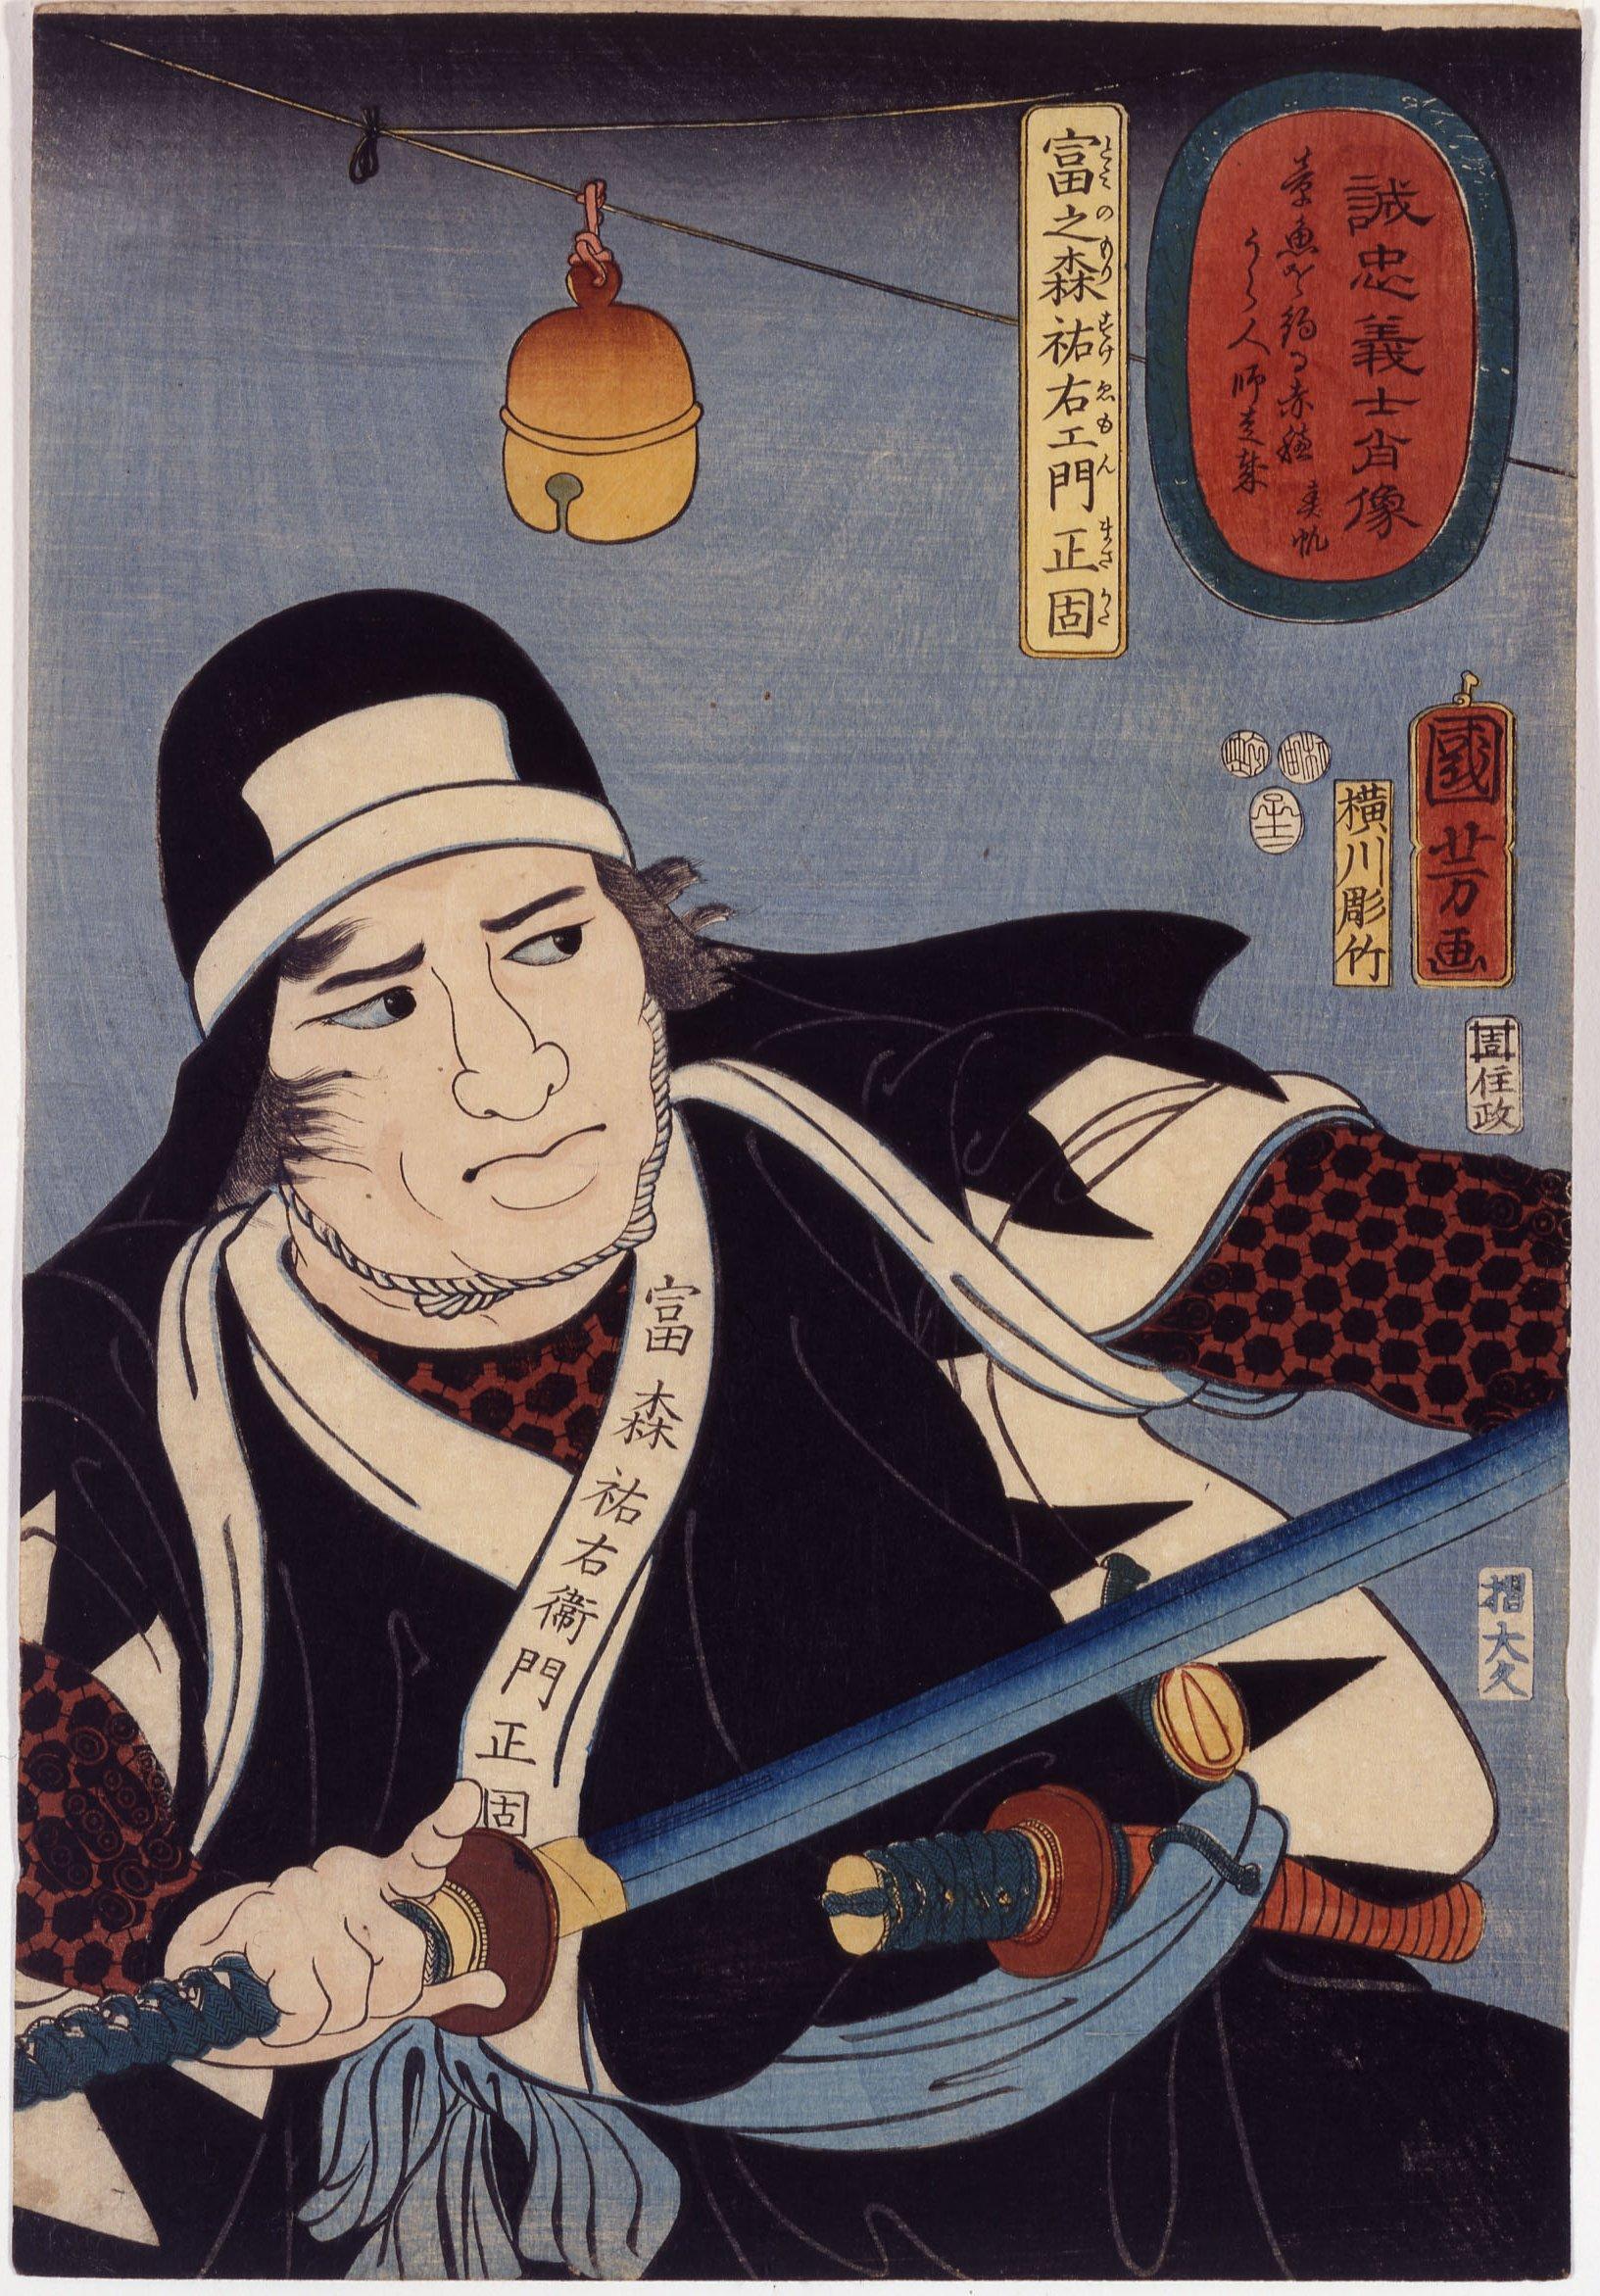 60.D05.535 Tomimori Sukeyemon Masakata, 1852, woodblock print, by Utagawa Kuniyoshi, D'amour Museum of Fine Arts, Springfield Museums, Springfield, MA